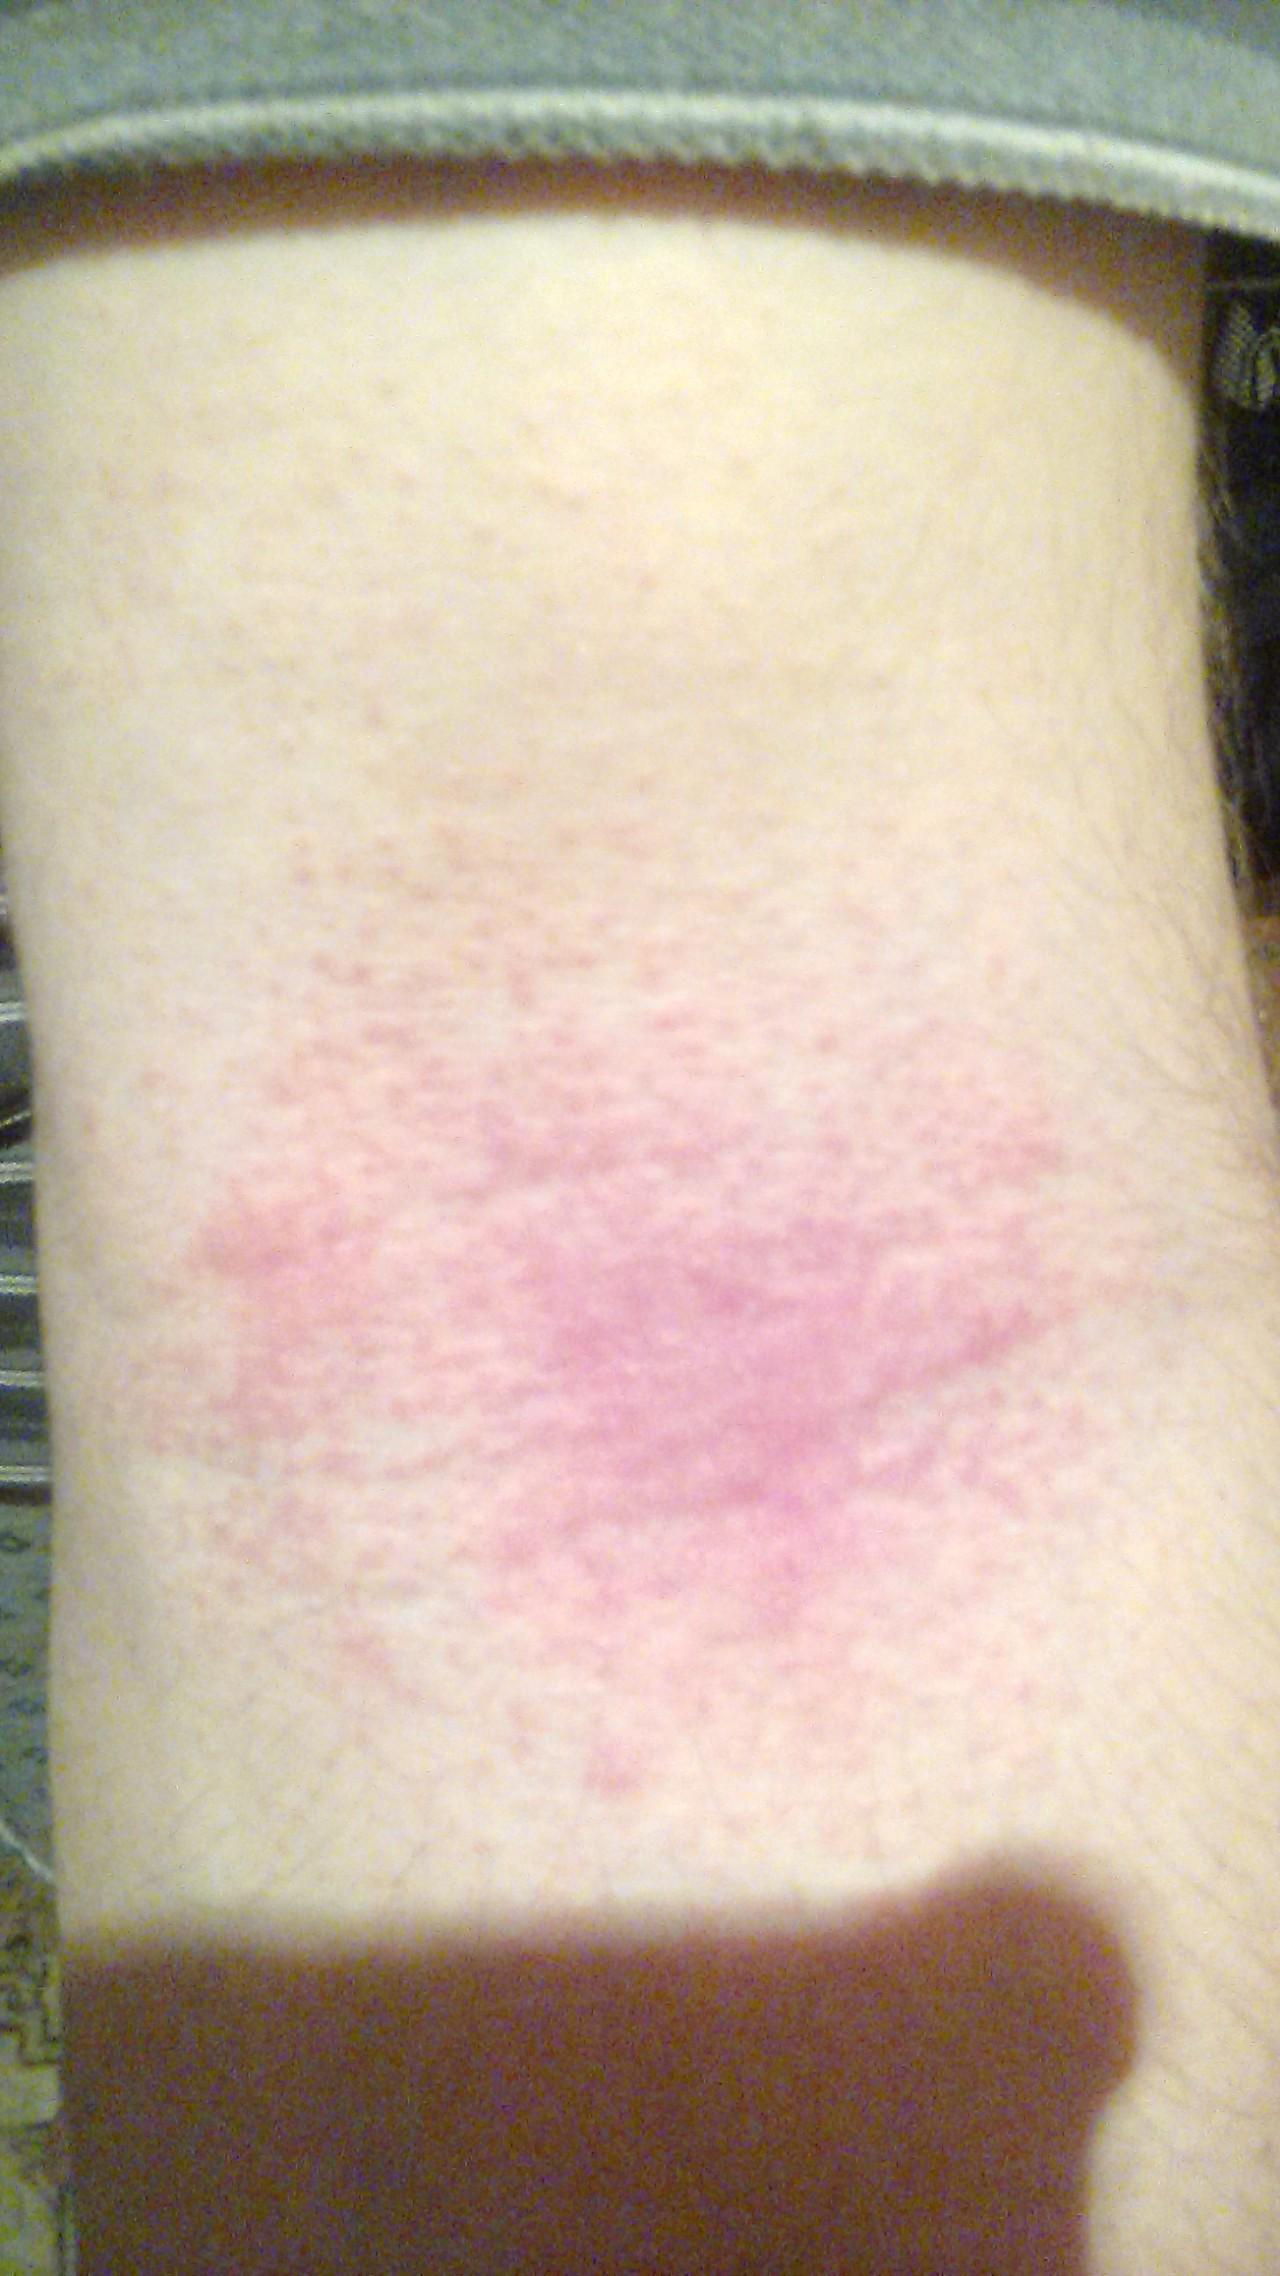 аллергия на акдс как проявляется